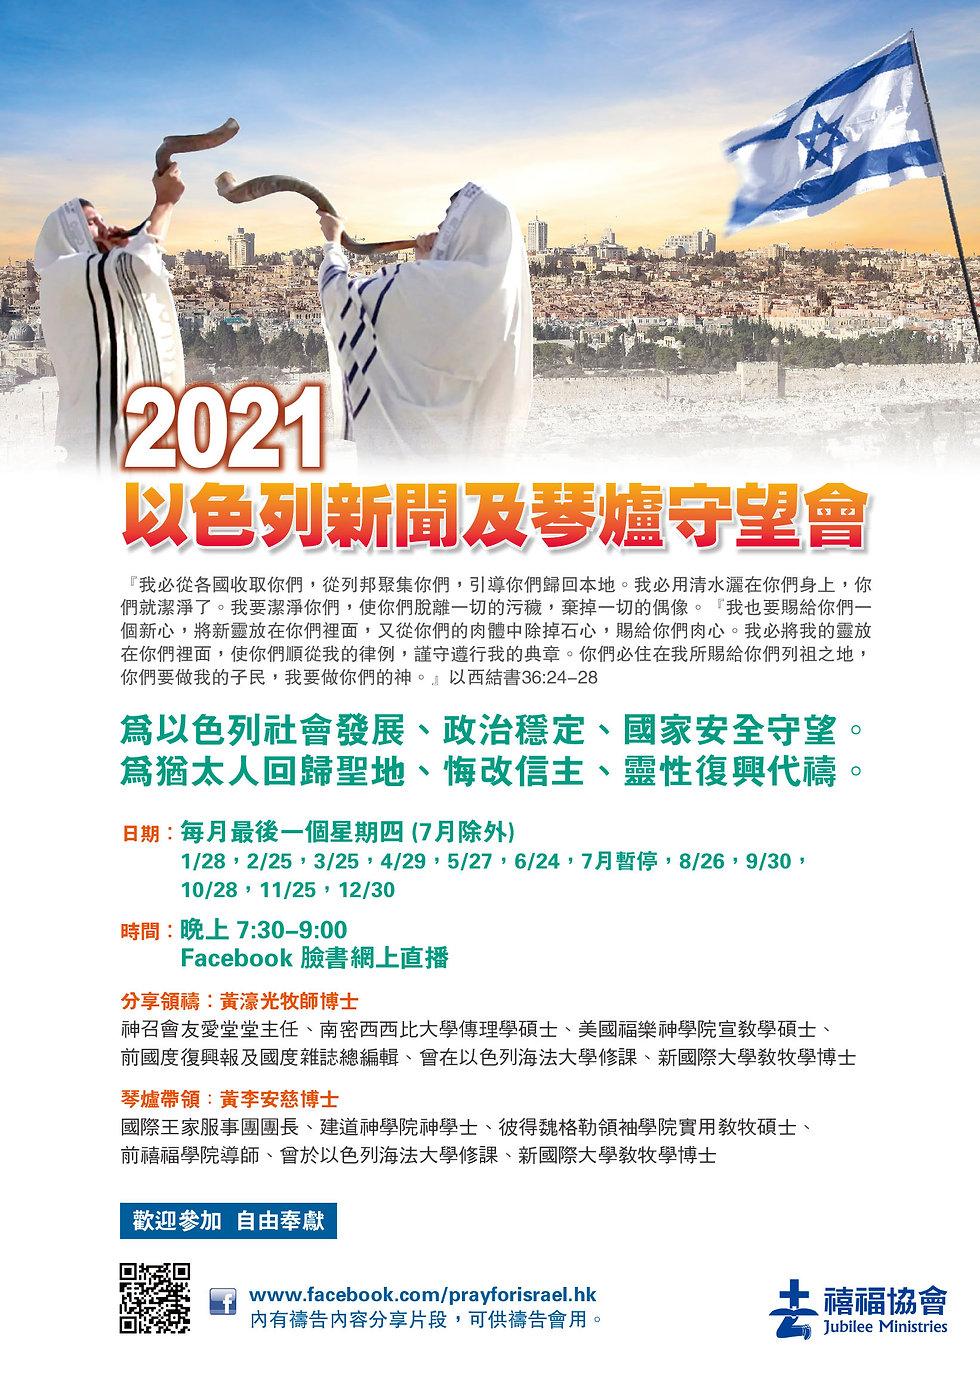 2021_以色列新聞及琴爐守望會海報.jpg